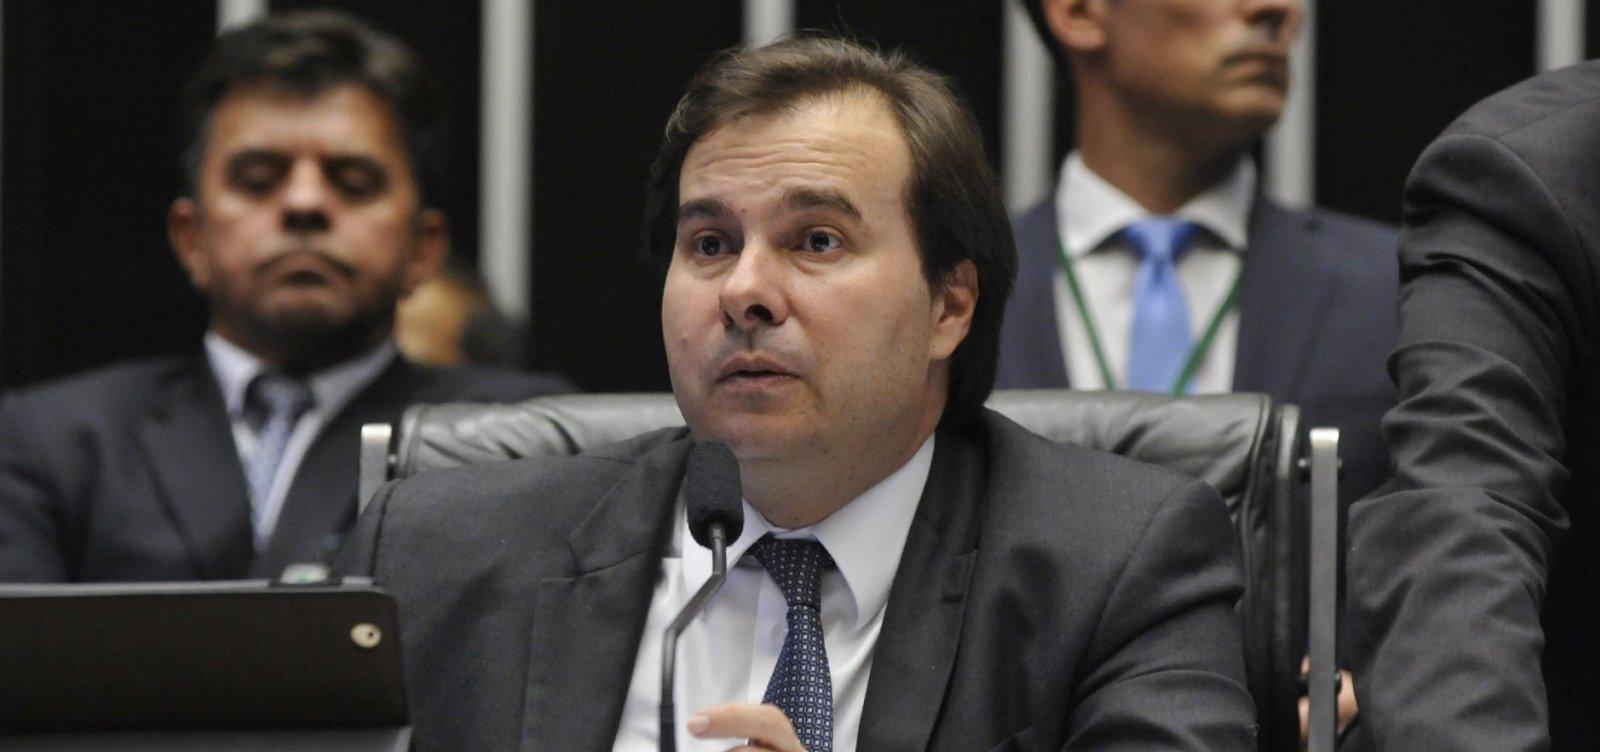 Maia questiona crítica do governo à velha política: 'Escolher relator não é toma lá dá cá?'